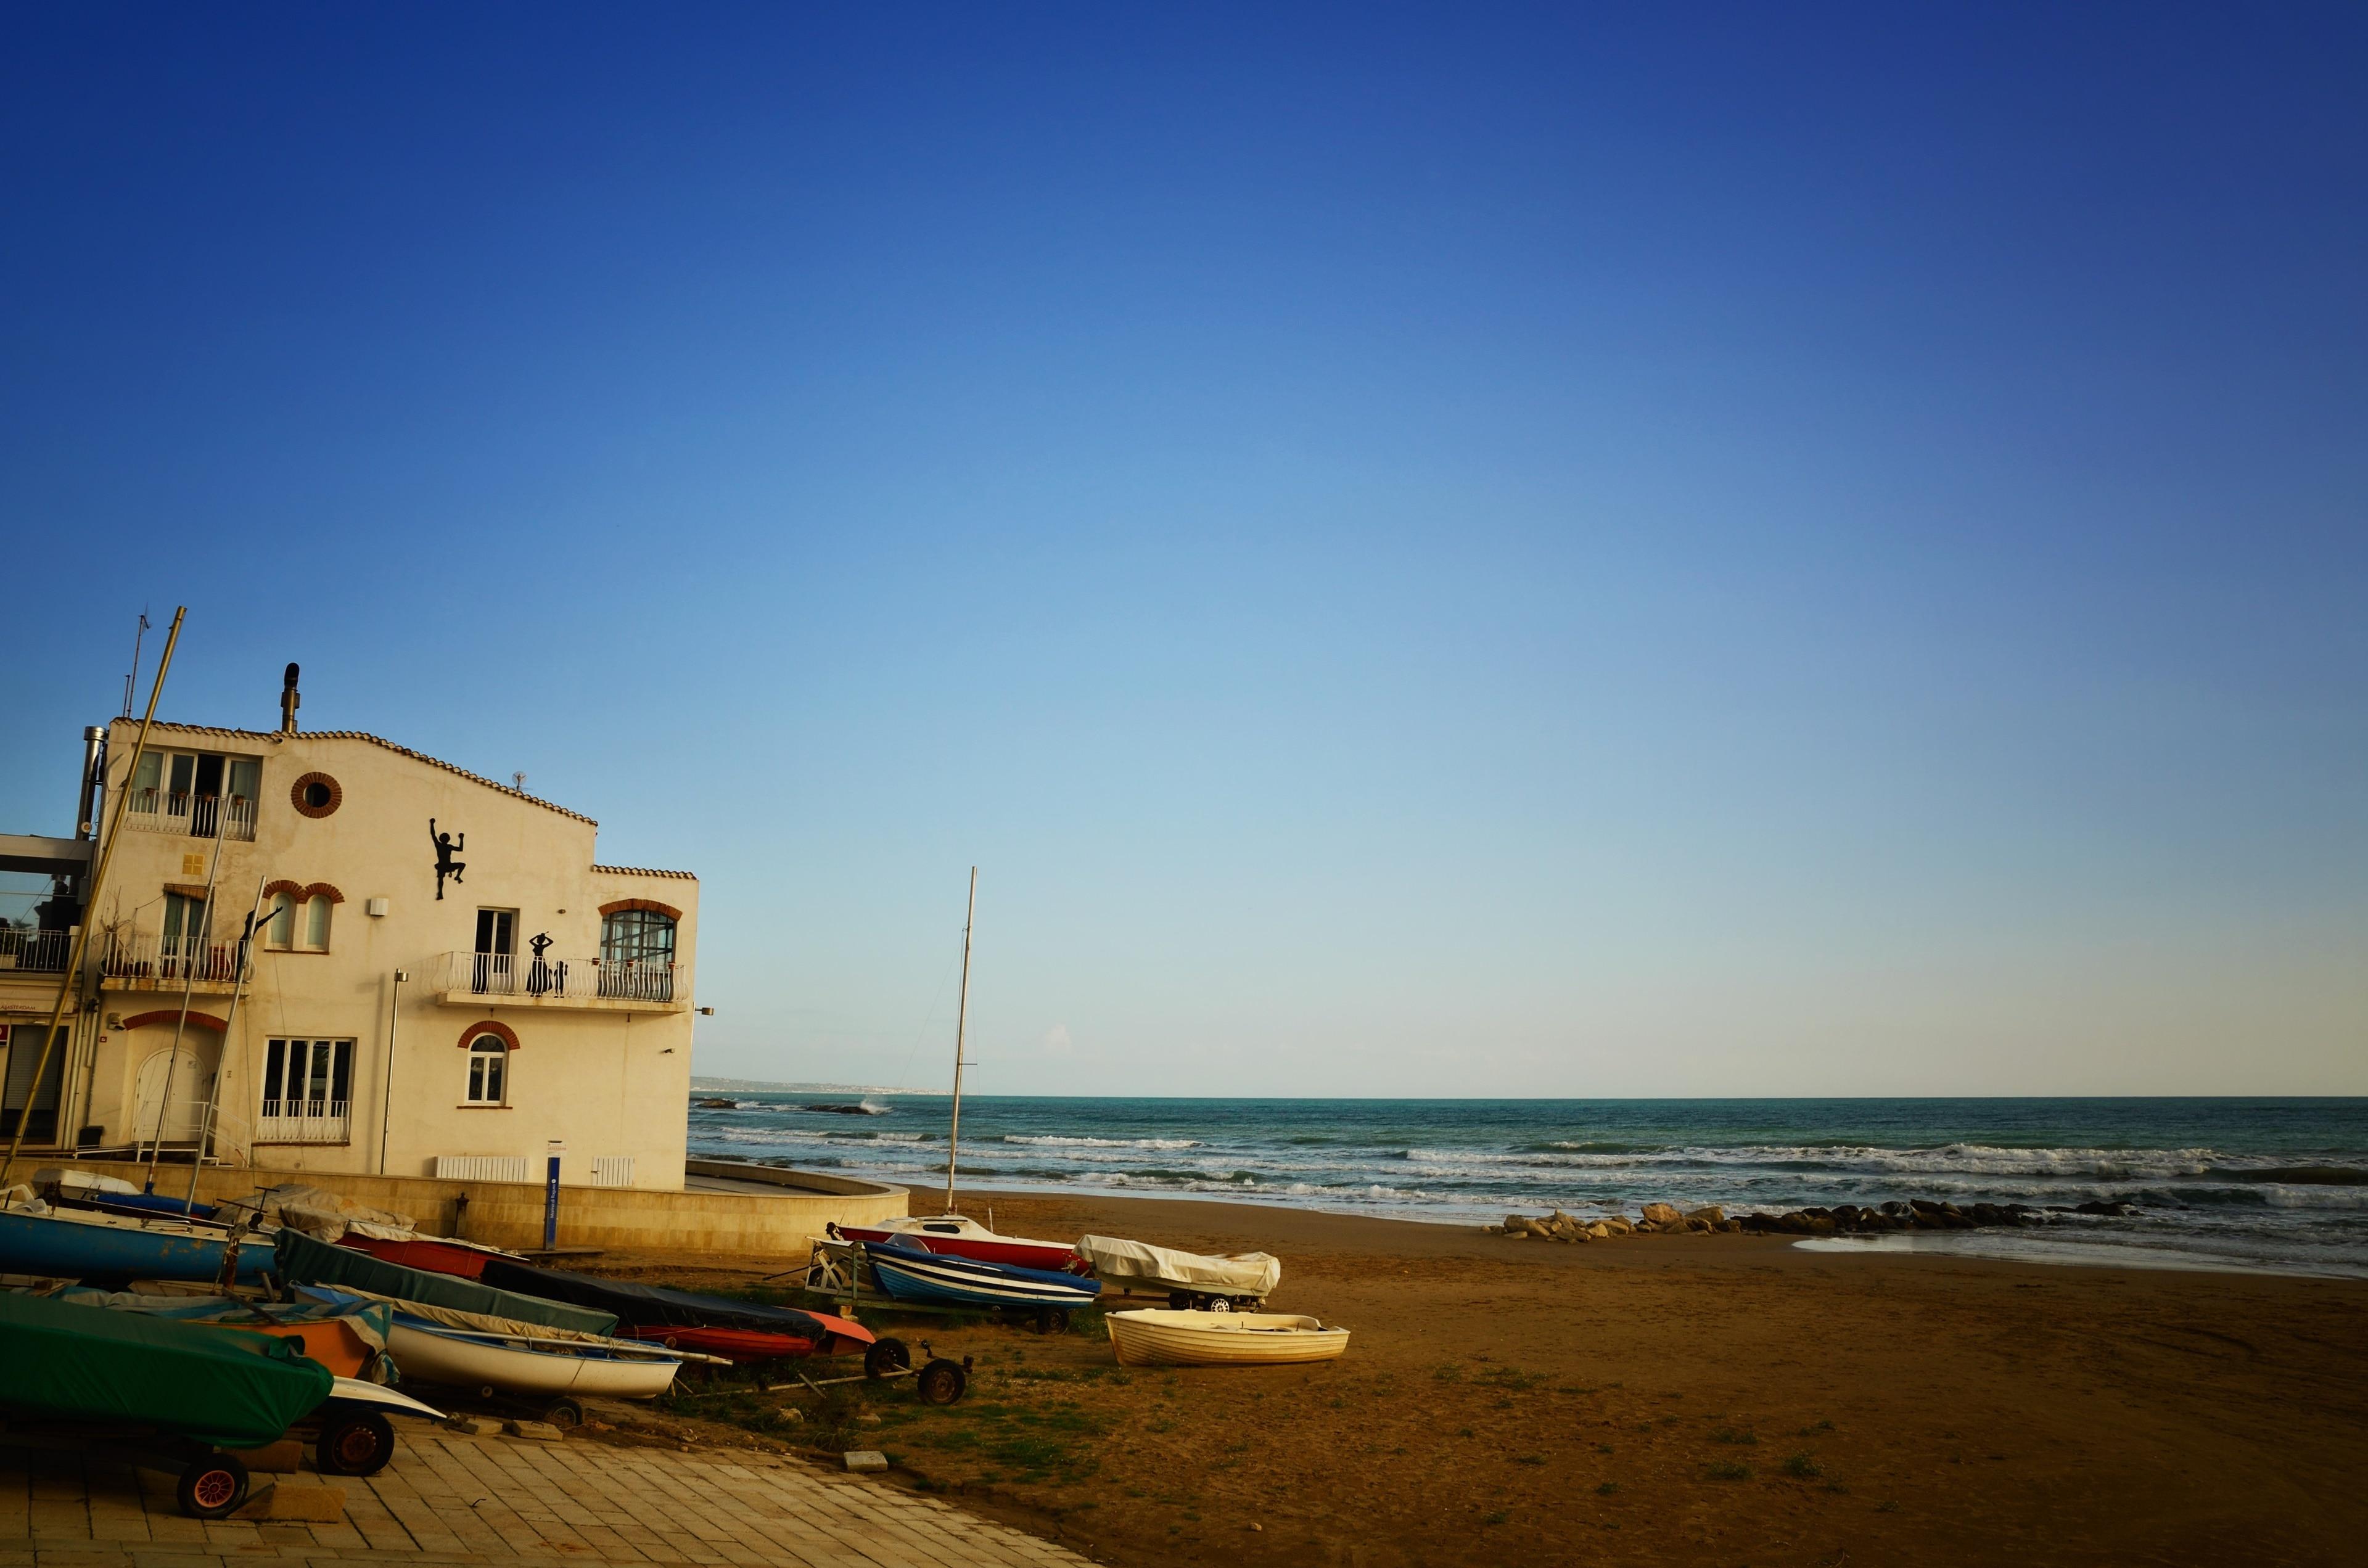 Marina di Ragusa, Ragusa, Sicilia, Italia